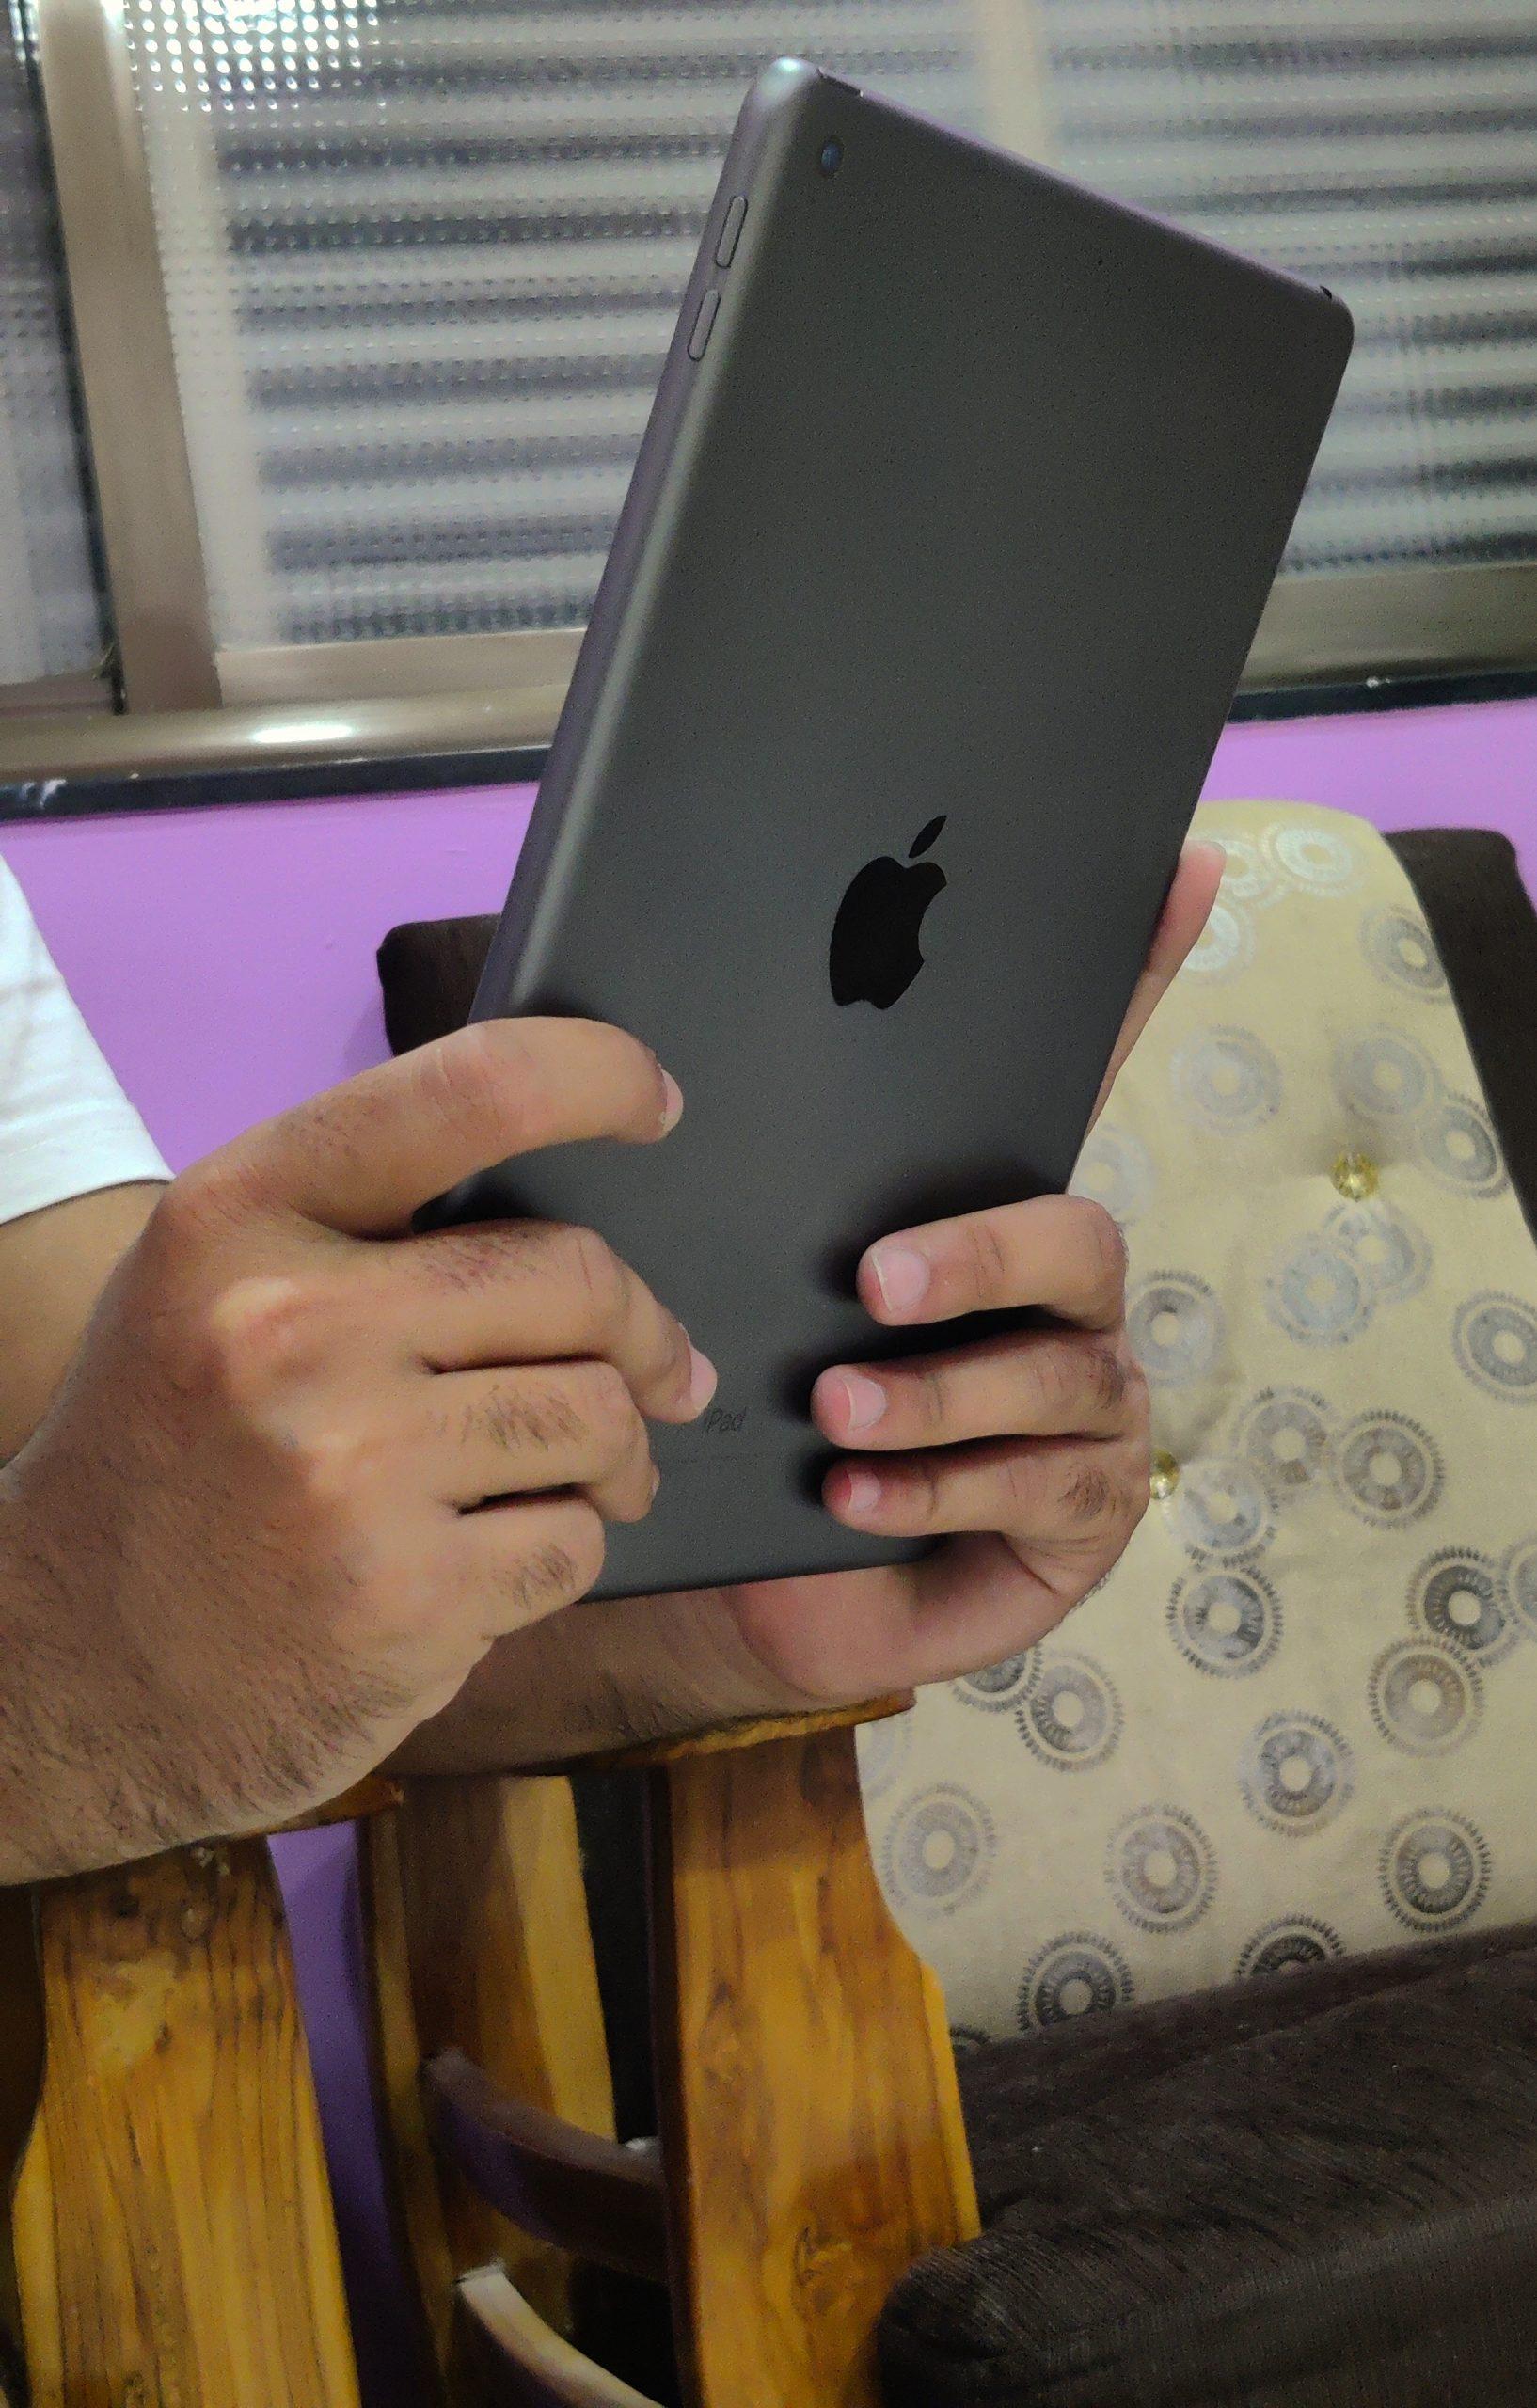 Apple iPad in hand